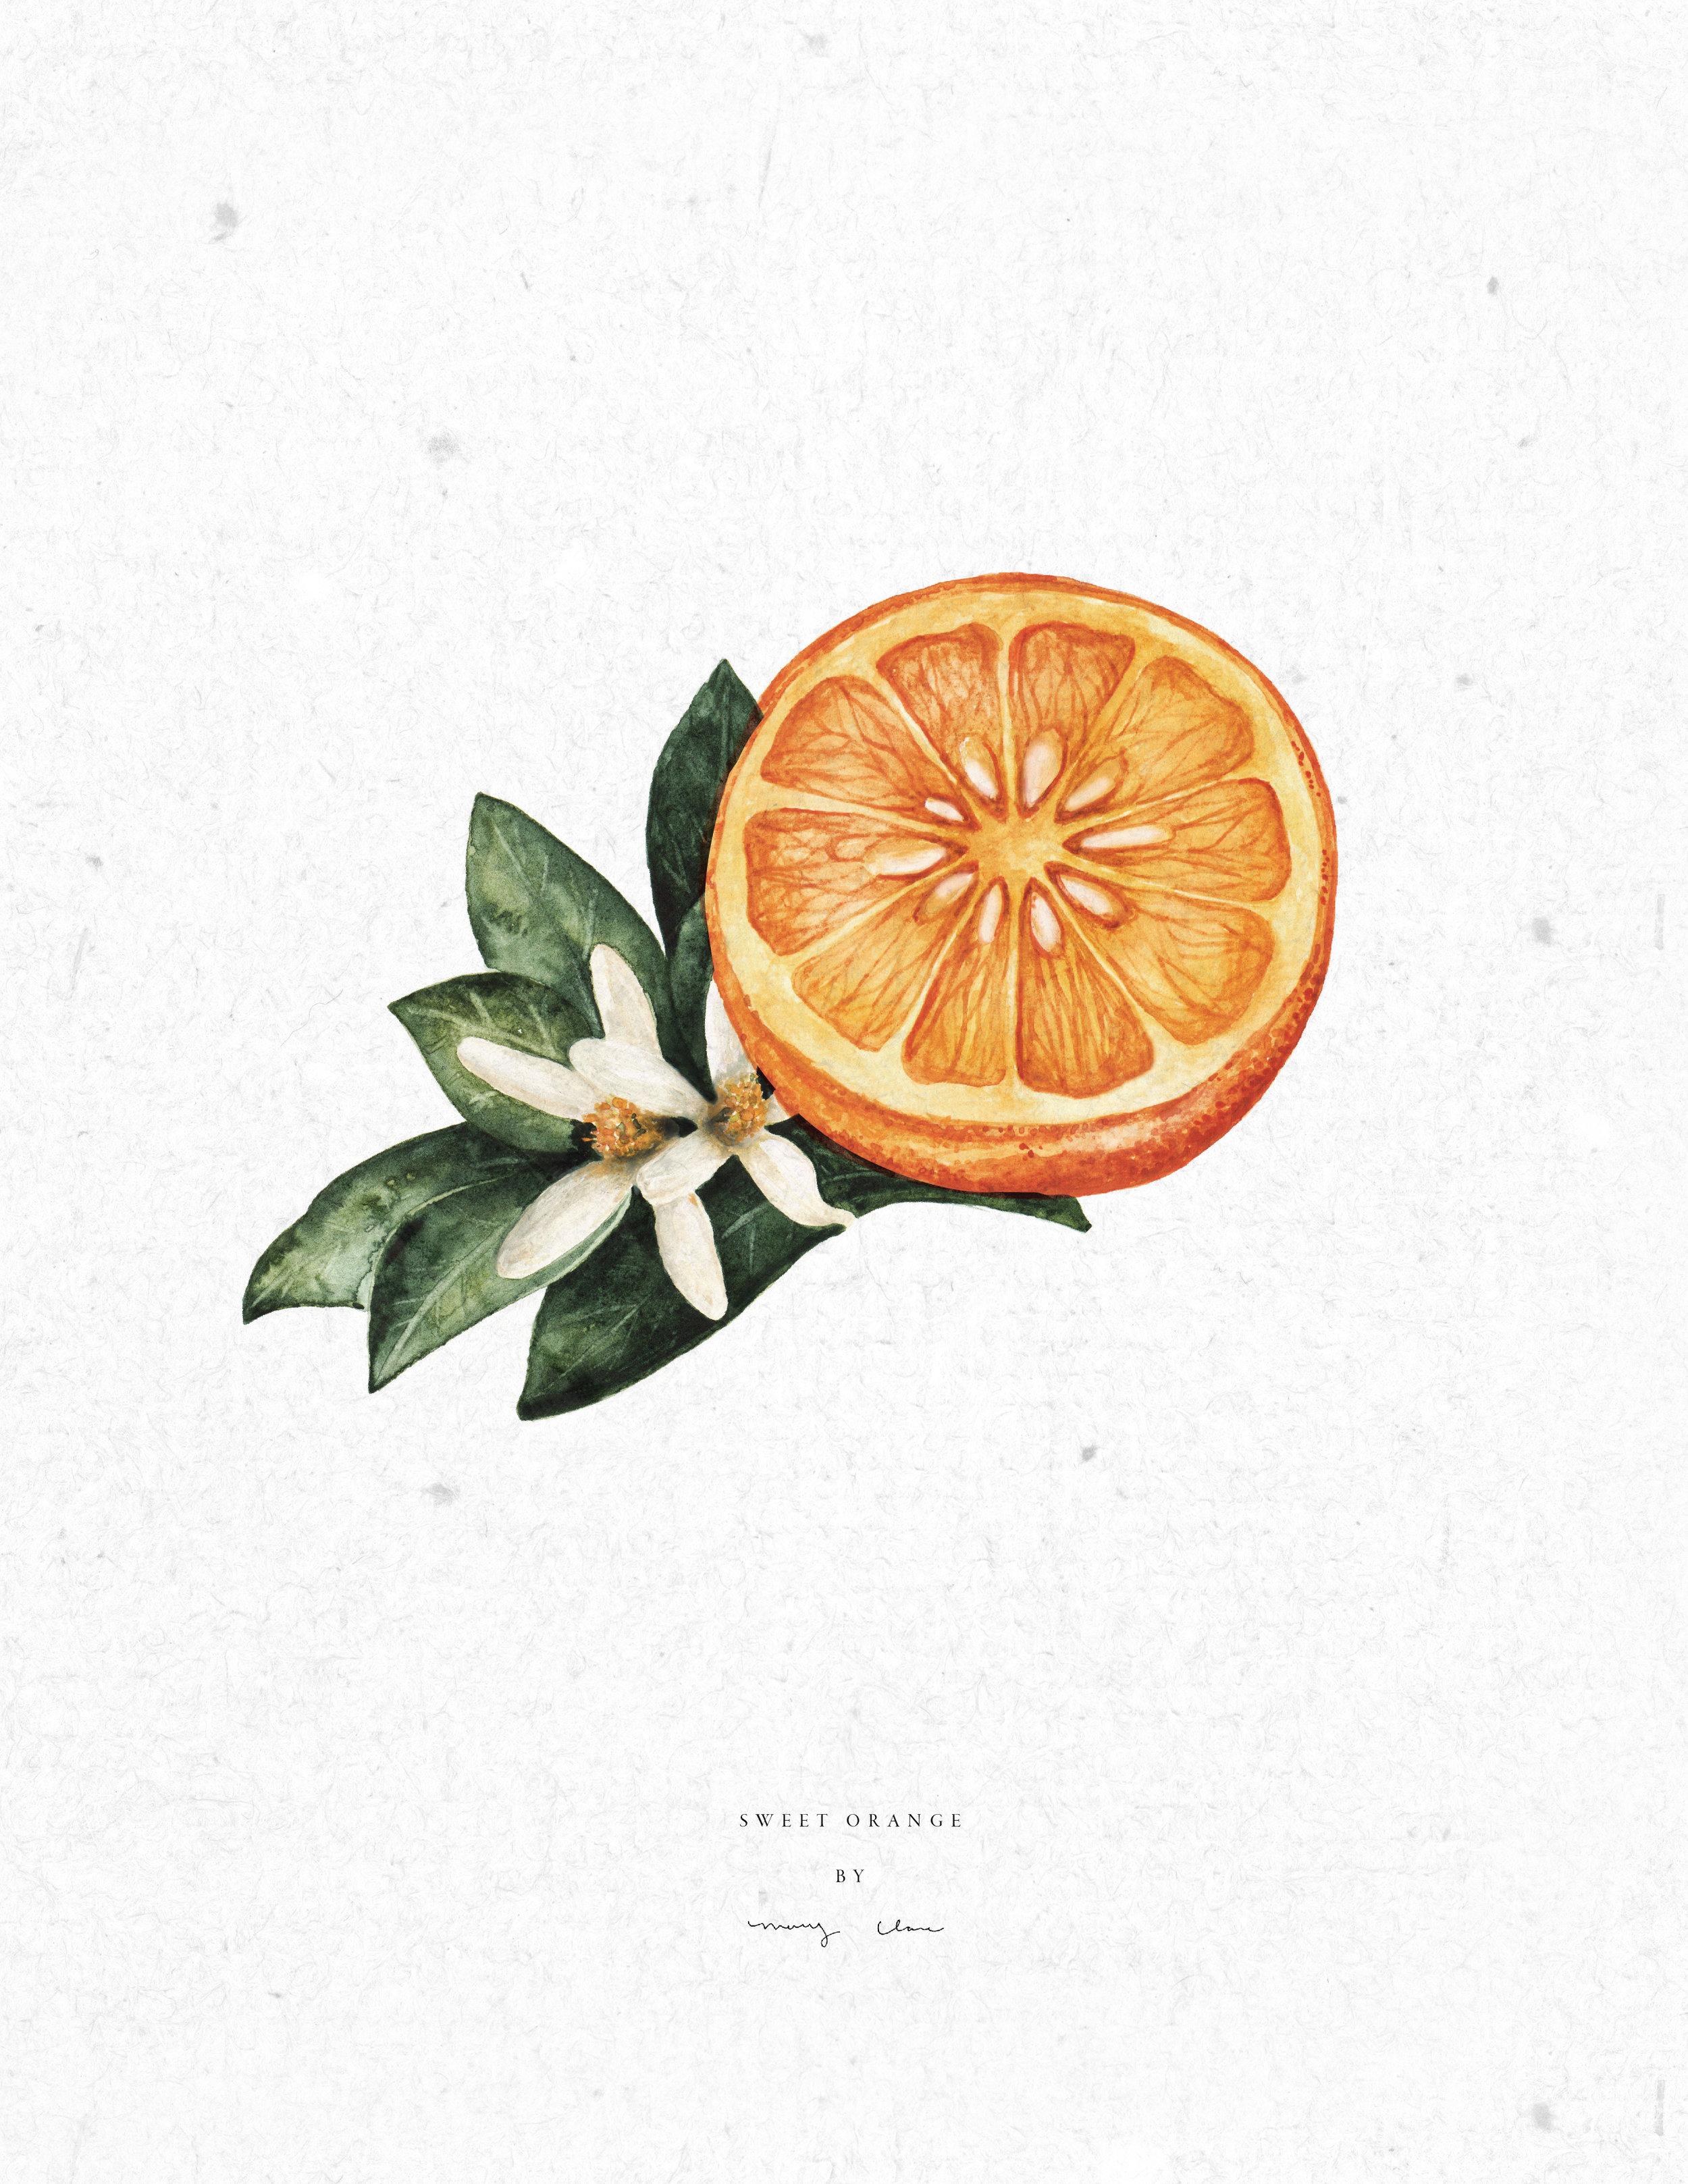 Fruit-maryclarewilkie-02.jpg